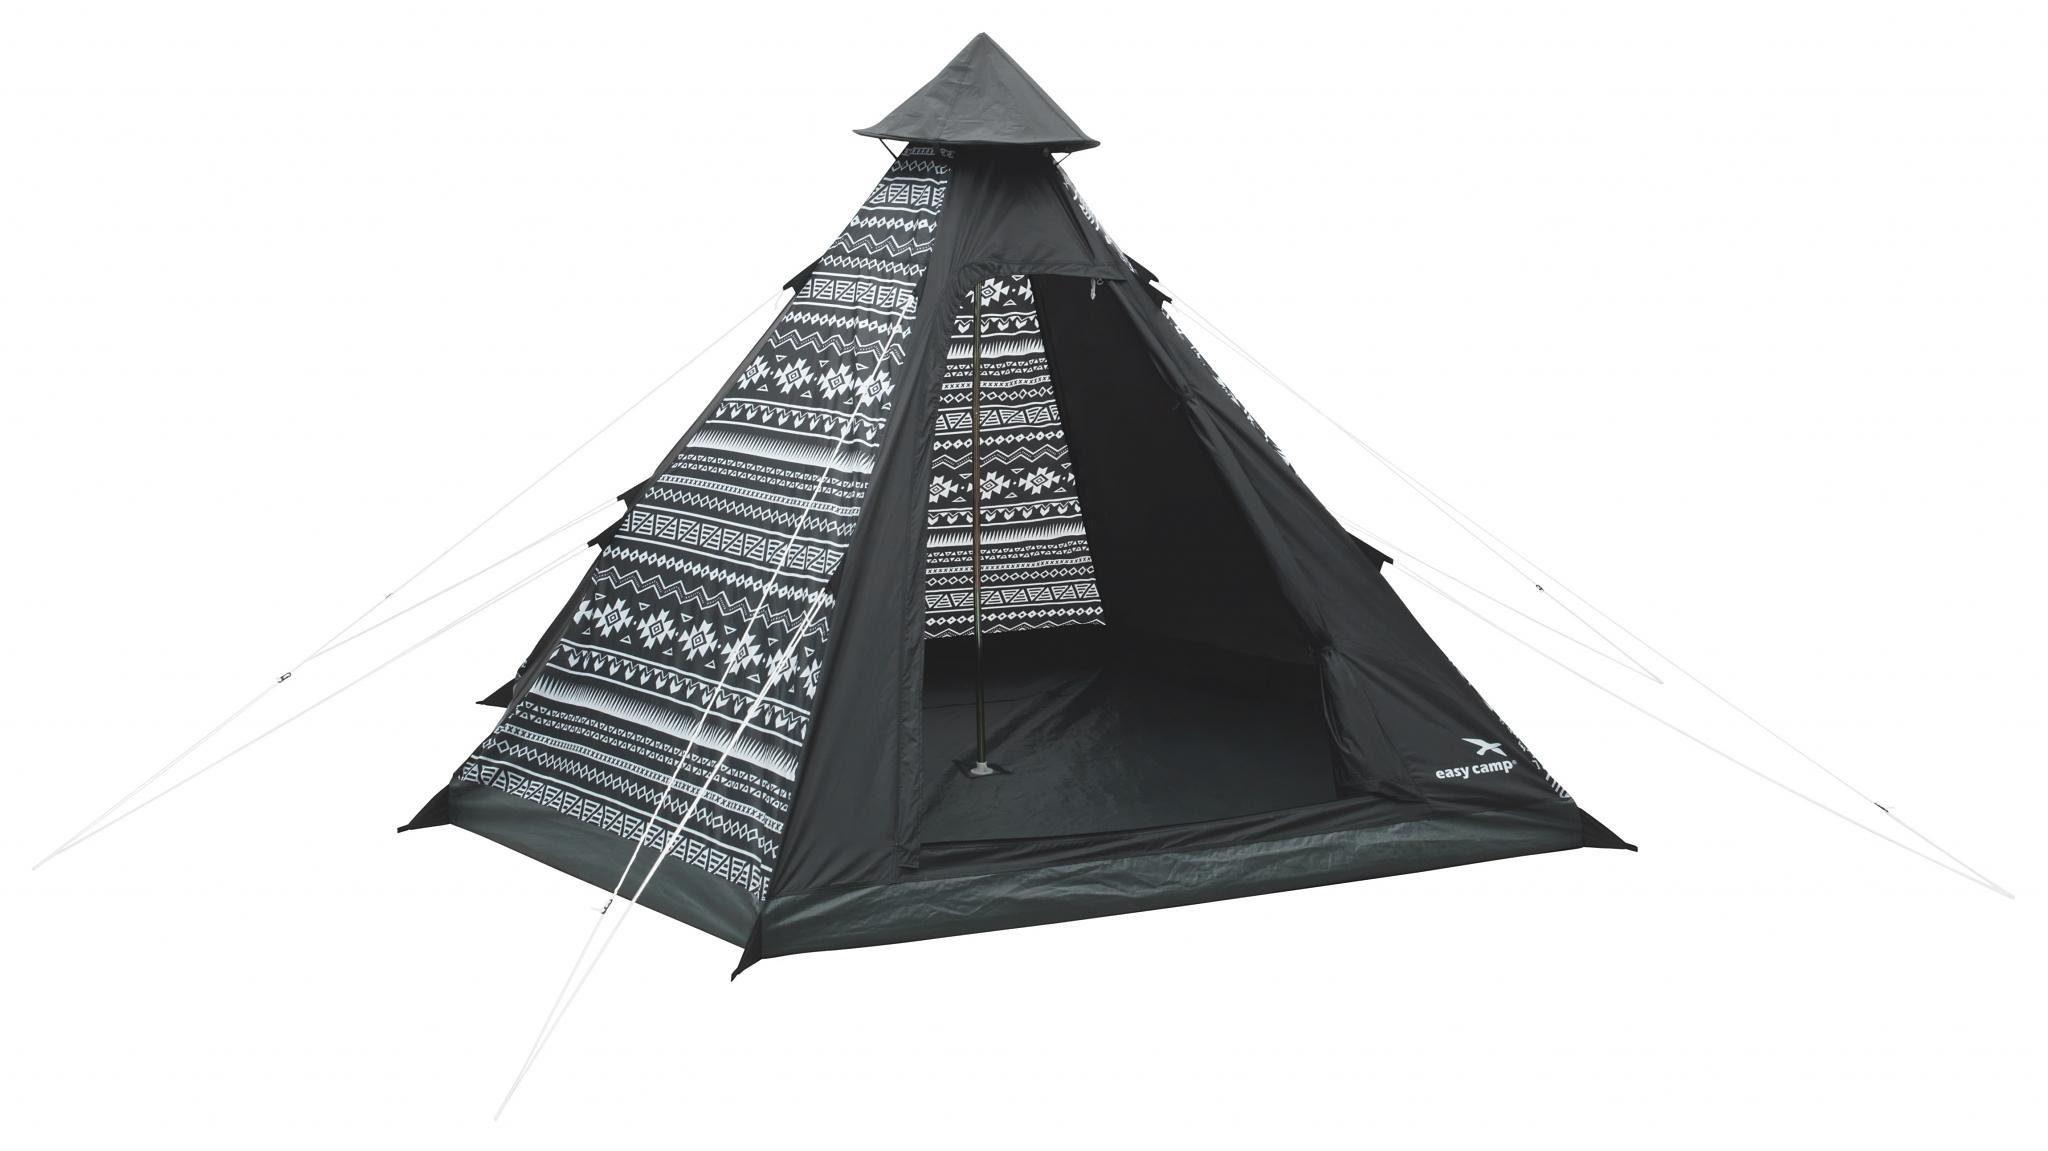 Easy Camp Zelt »Tipi Tribal Black & White Tent«